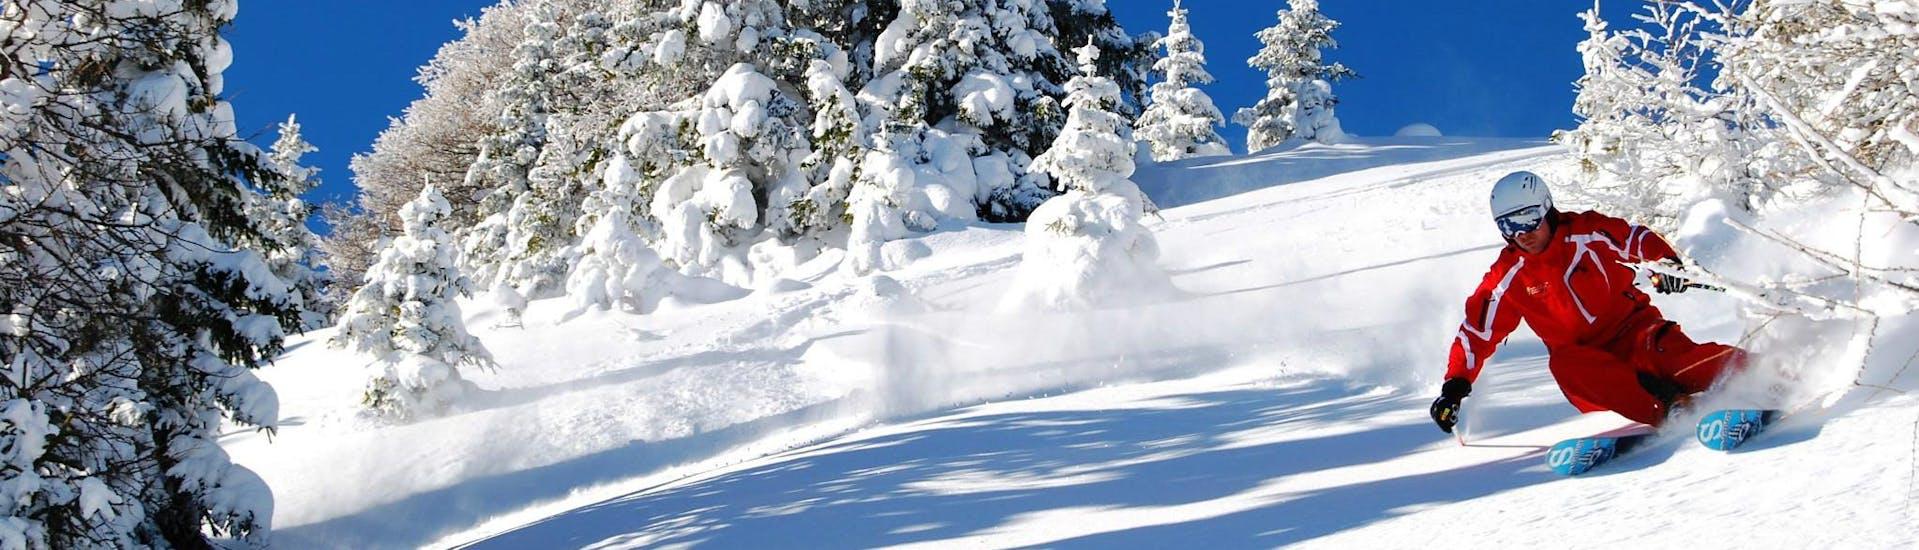 Curso de esquí para adultos con experiencia